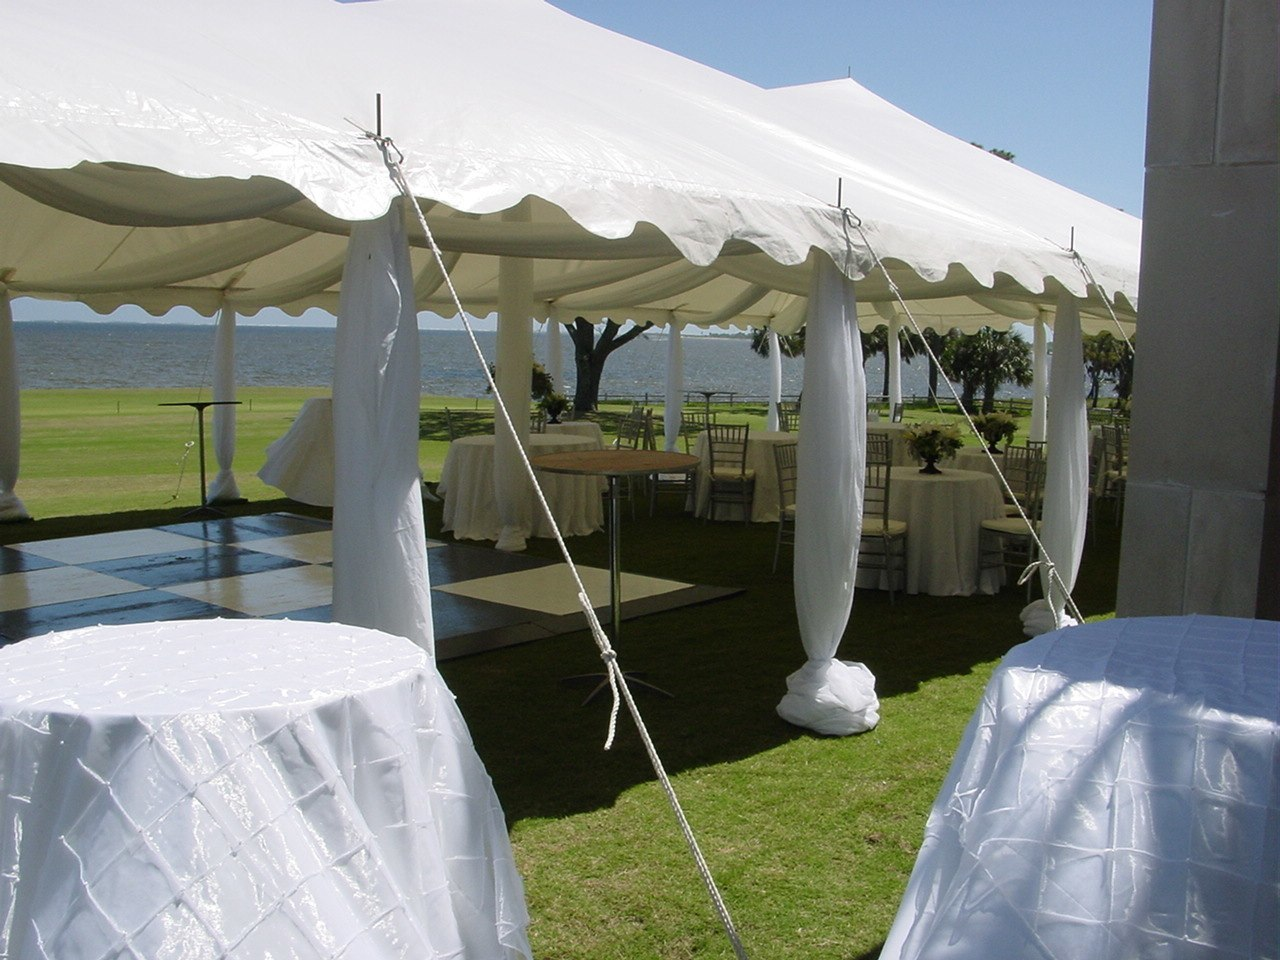 Indoor Vs Outdoor Weddings: Indoor Wedding Vs. Tent Weddings In Indiana